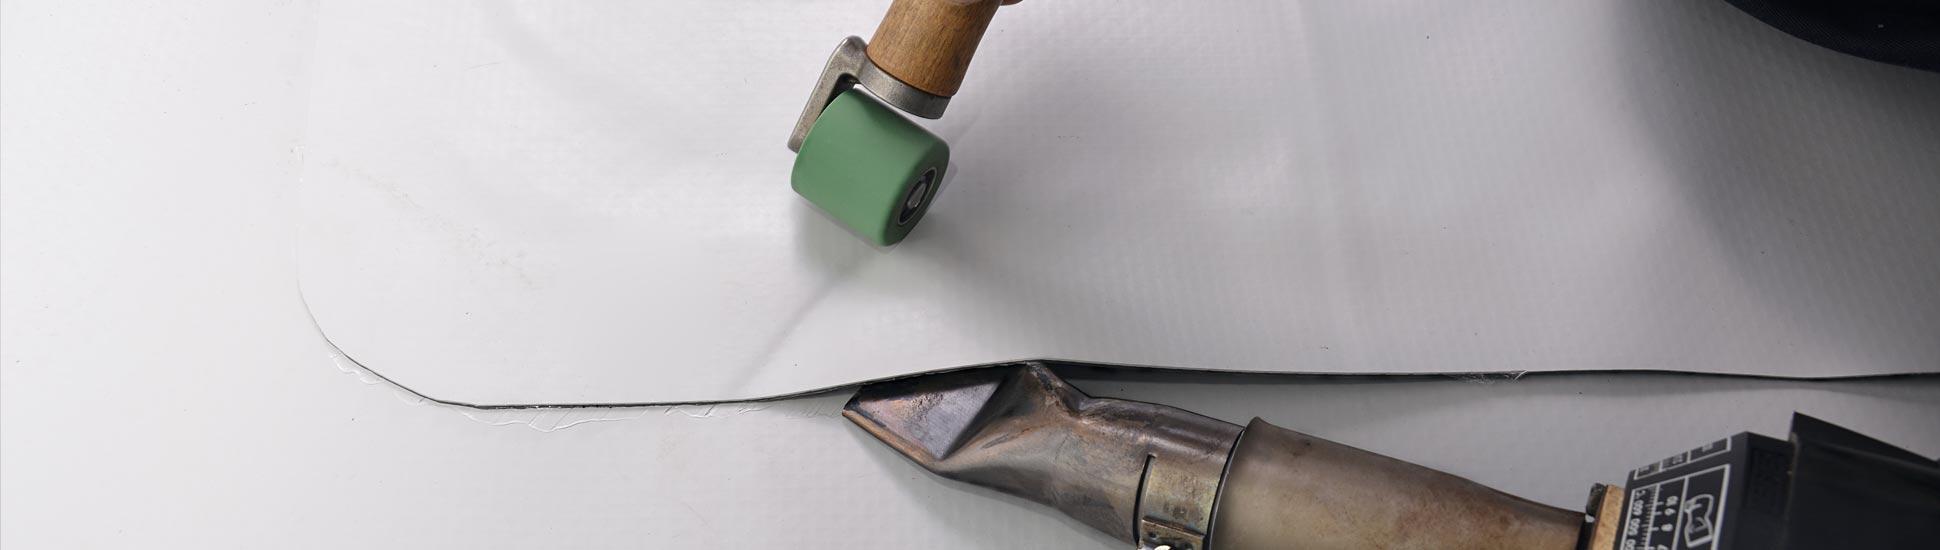 TPO welding